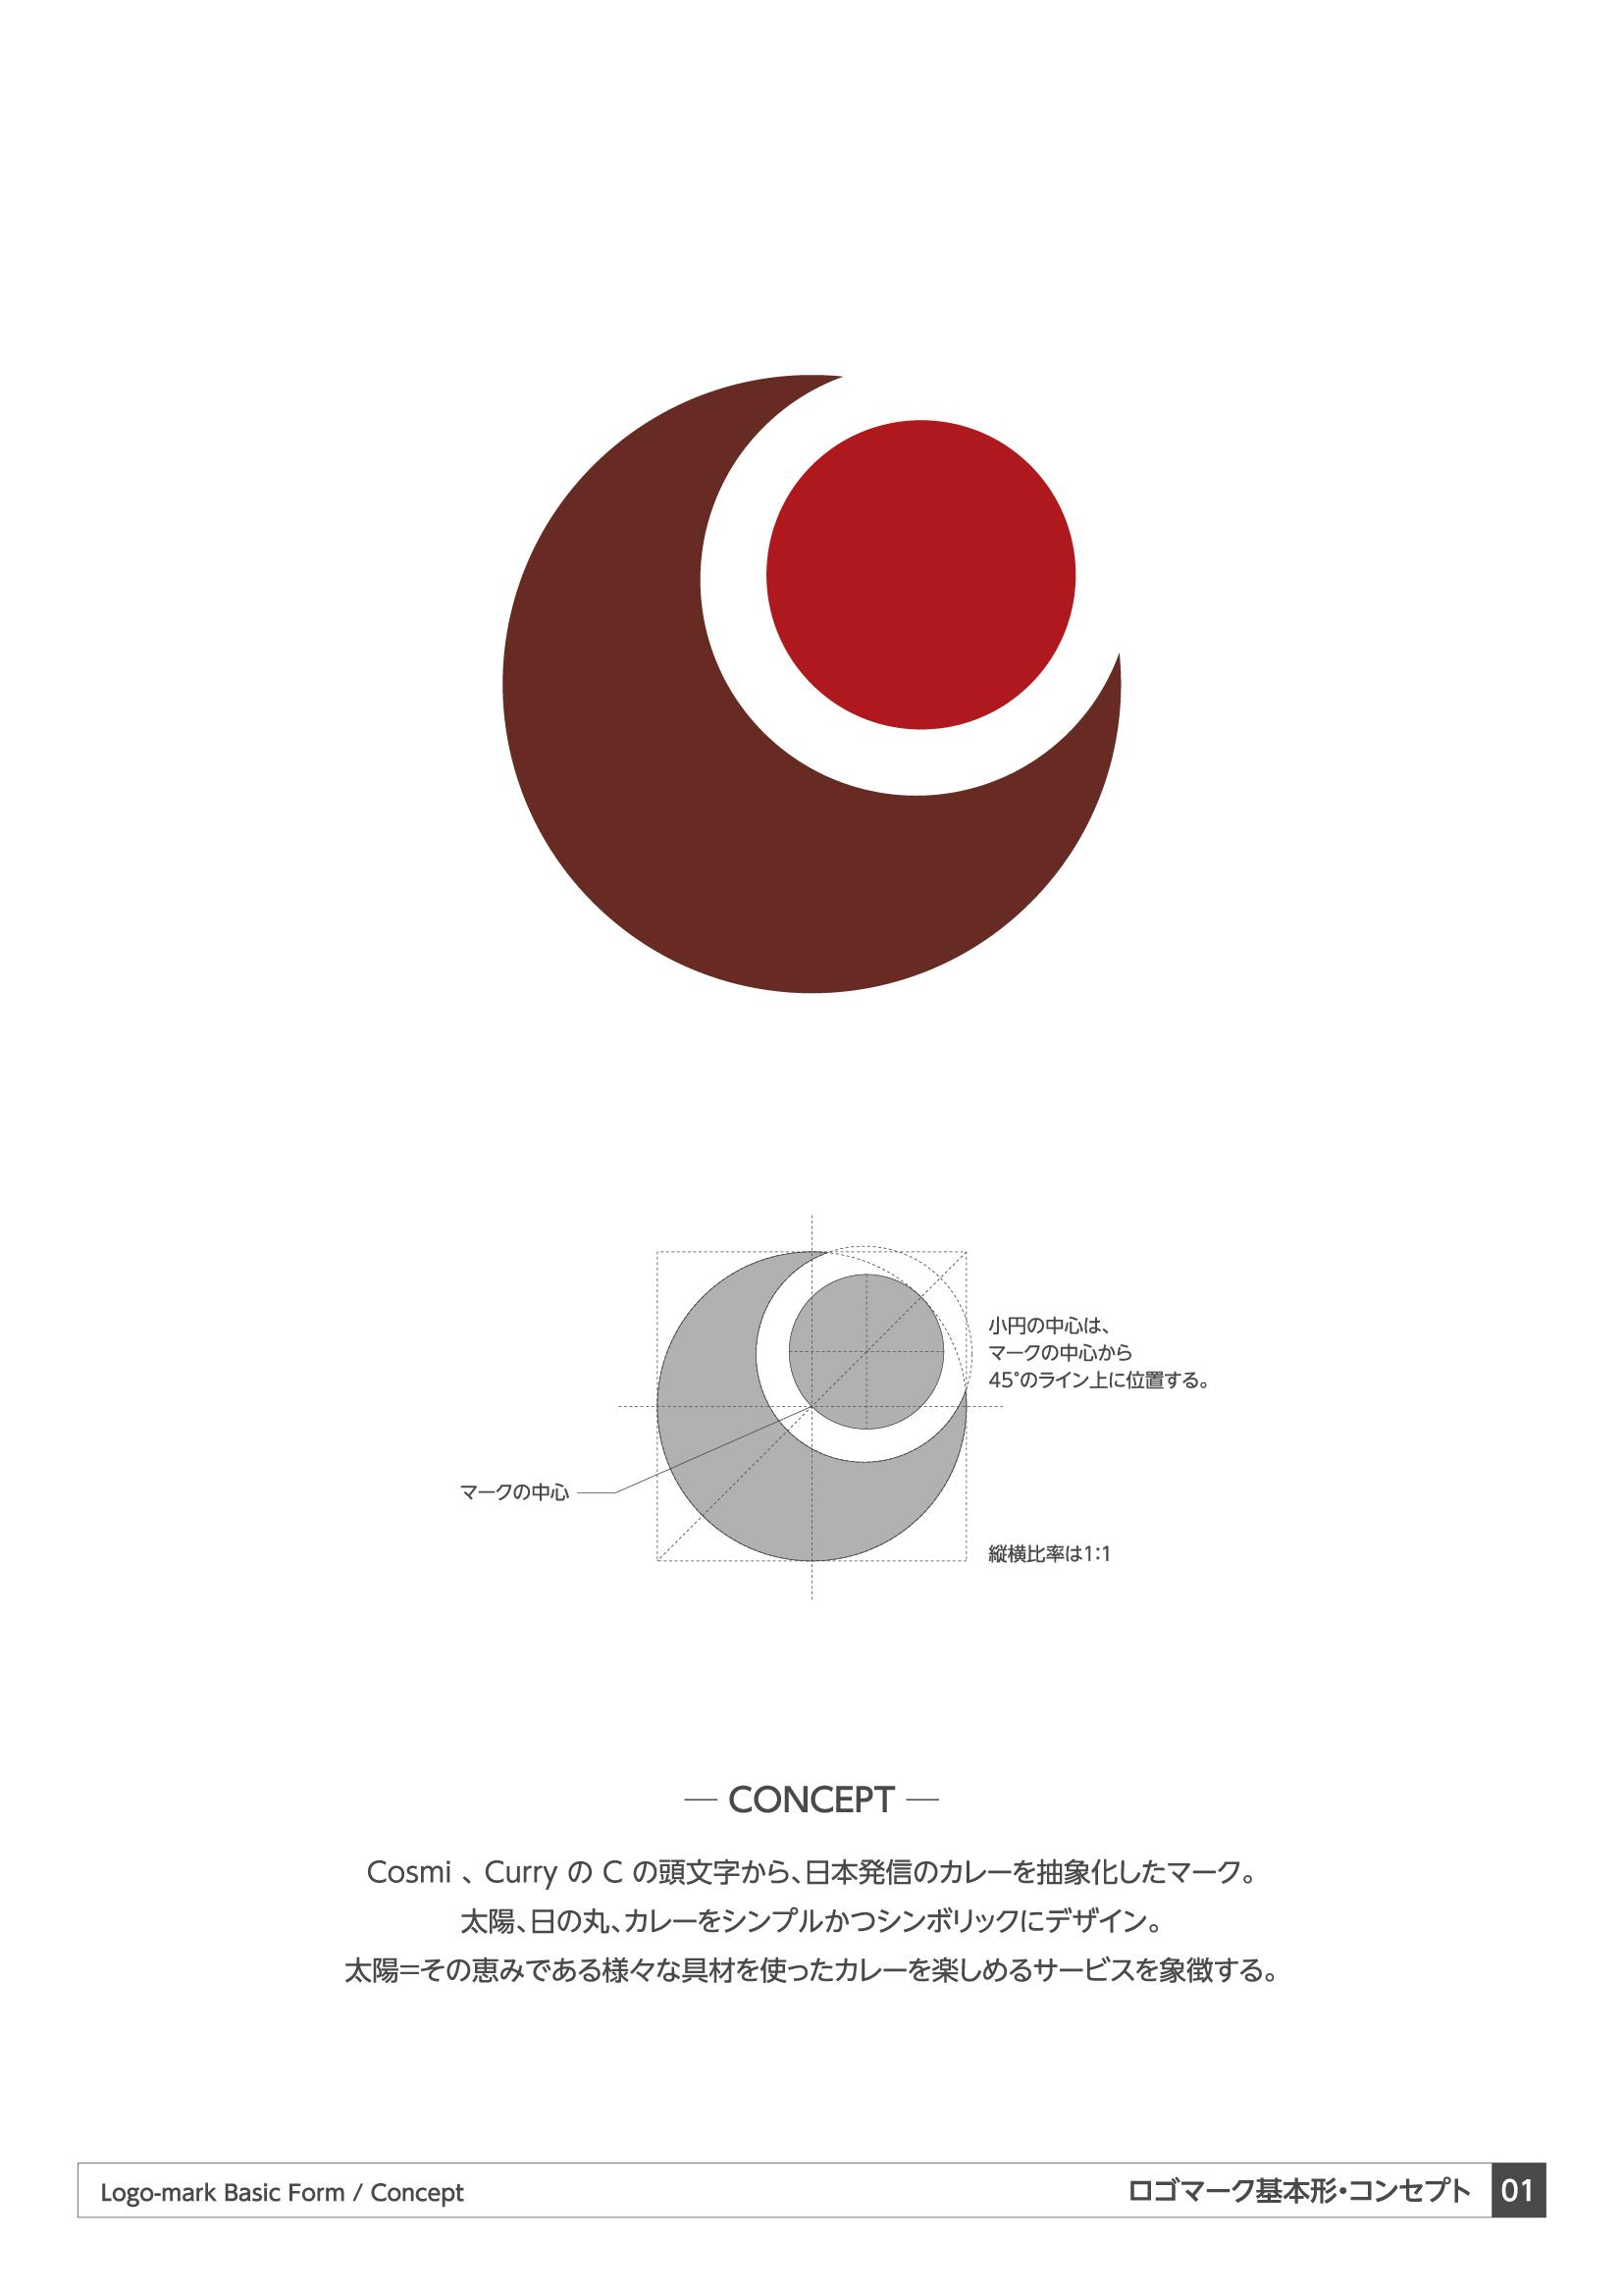 カレー_ブランド_ロゴデザイン VIマニュアル2